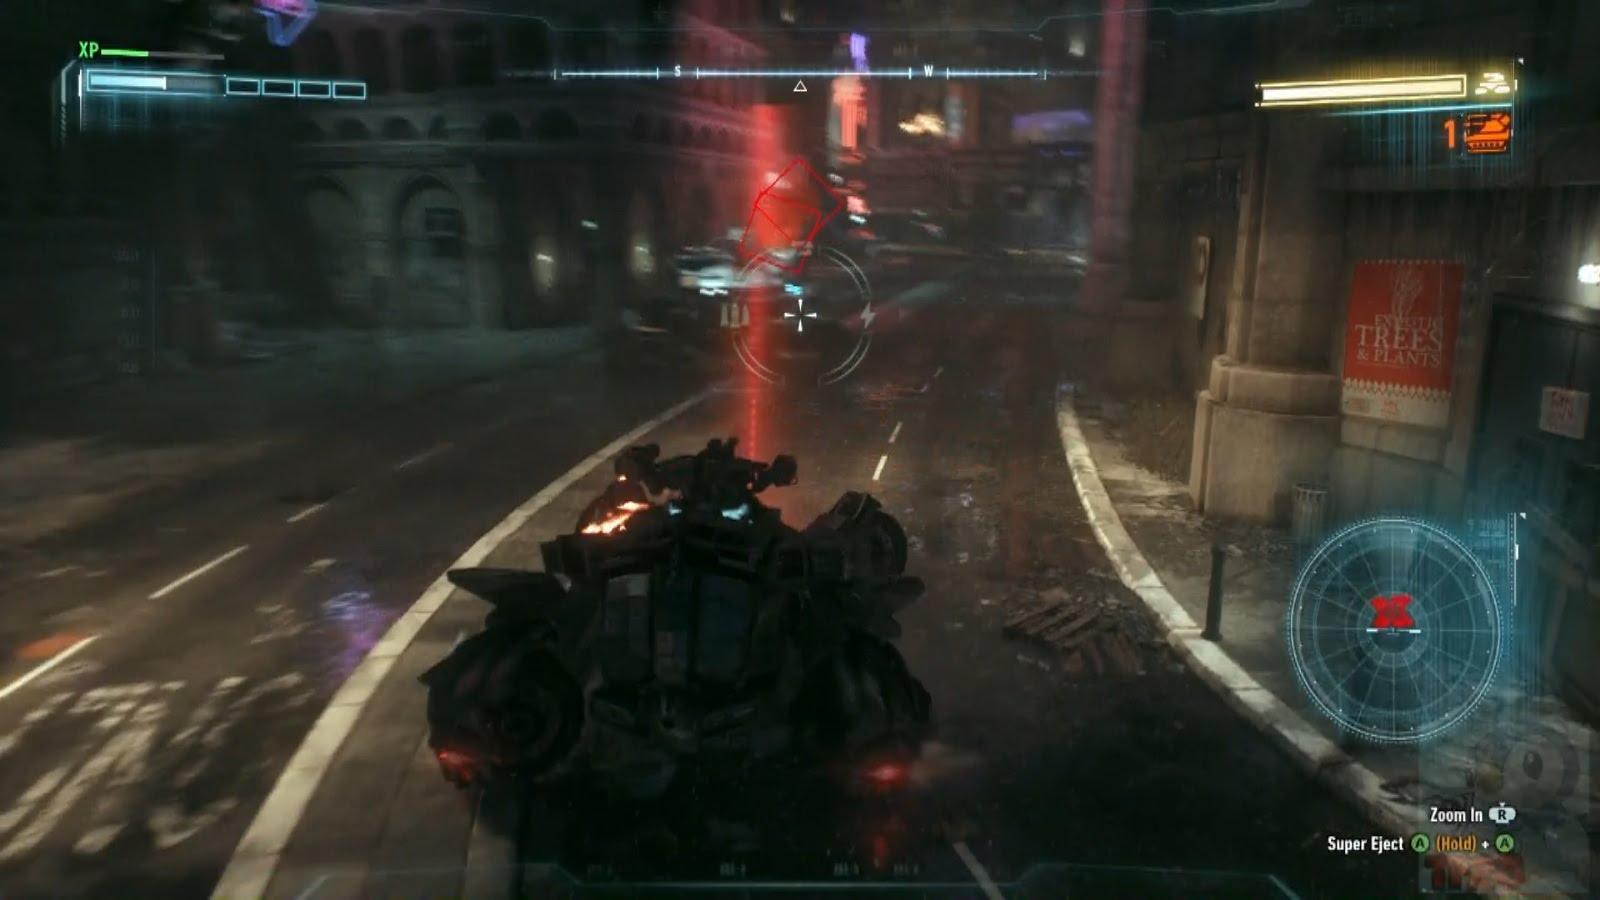 Batman Arkham Knight aneb pojďme změnit to, co do teď fungovalo 11106